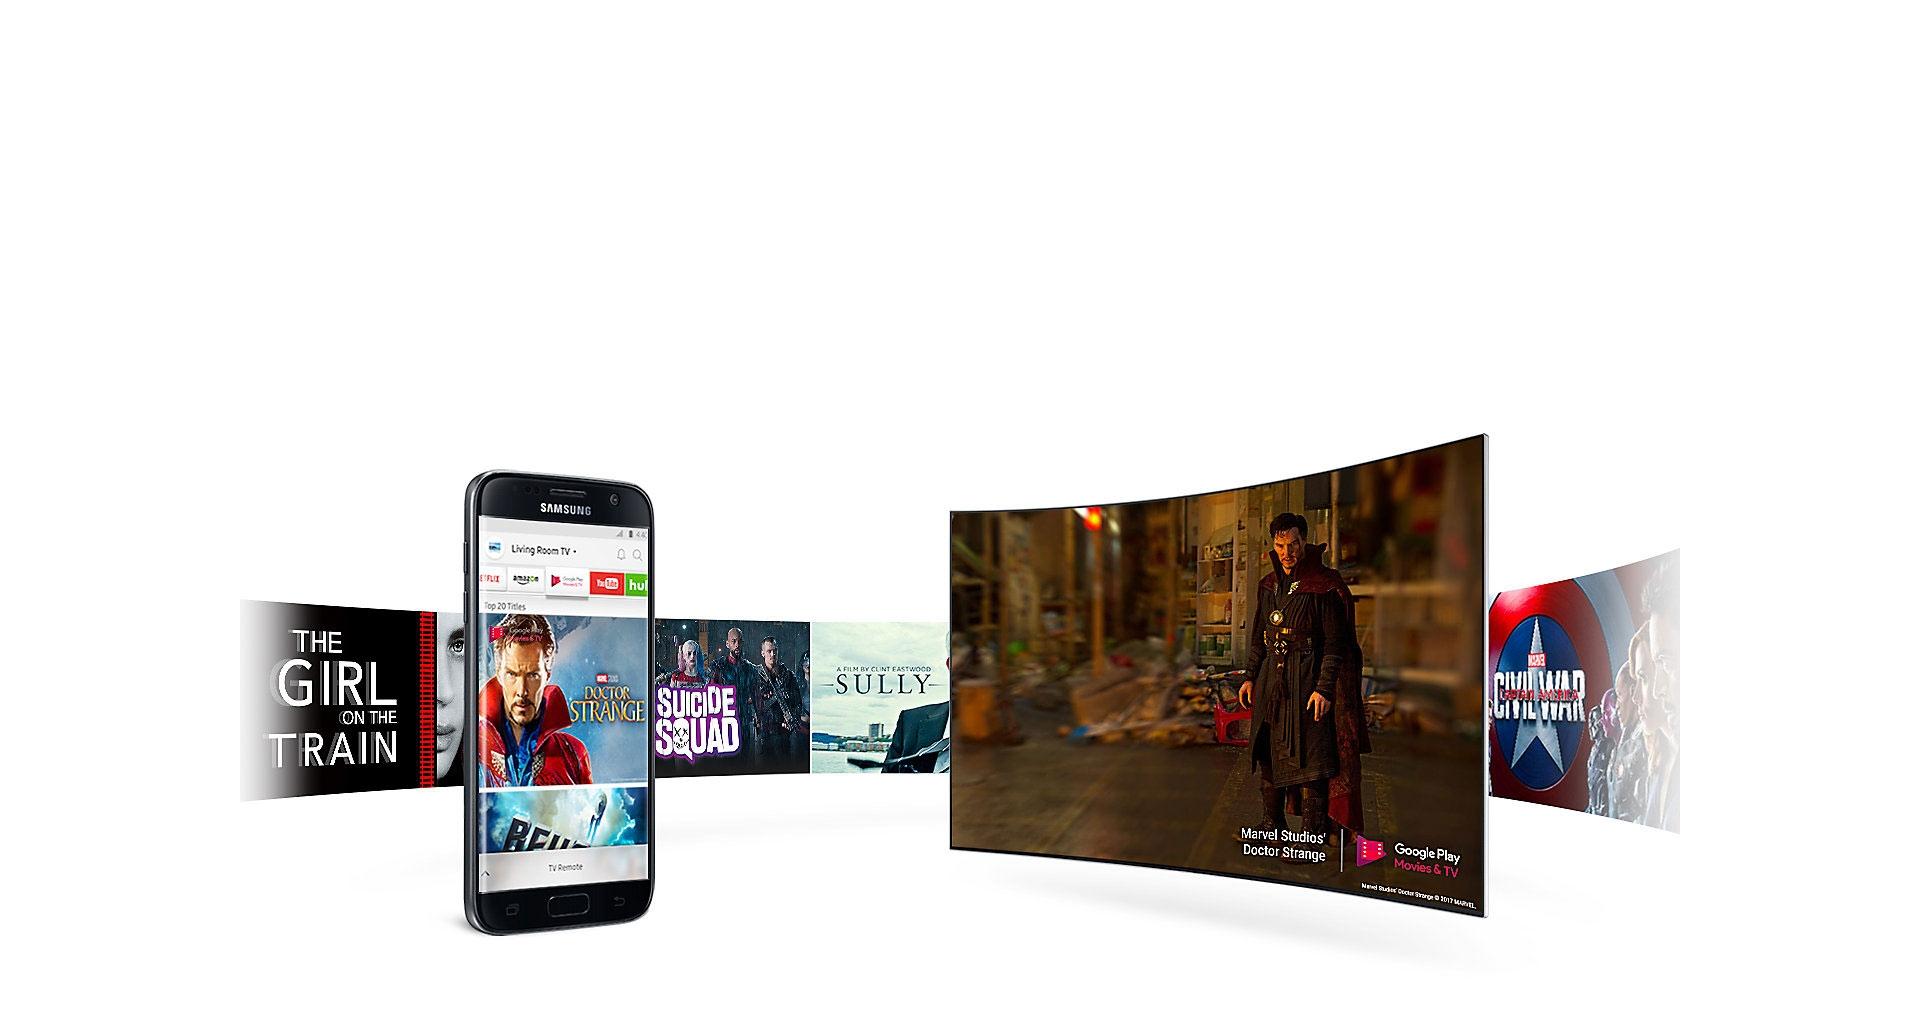 اتصال بی سیم تلویزیون MU10000 به دستگاه های هوشمند